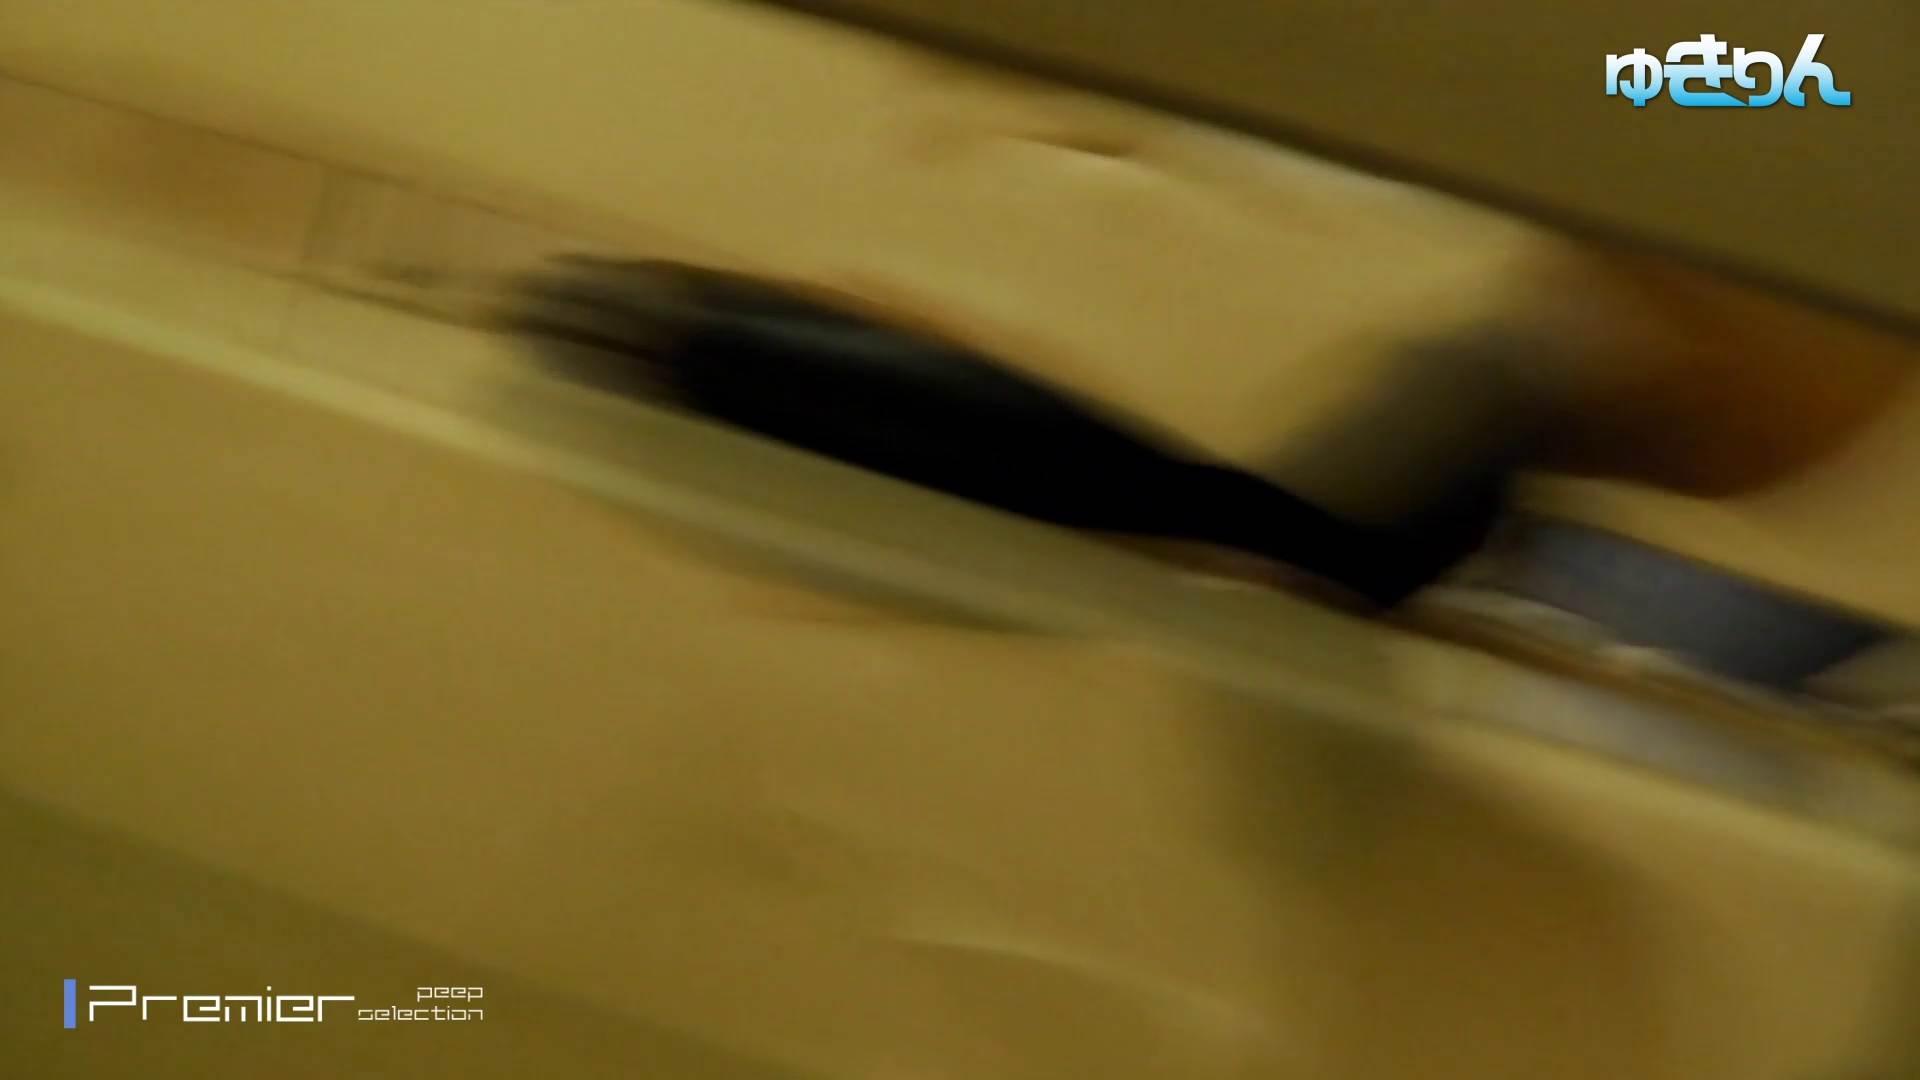 新世界の射窓 No93 女体盗撮 盗み撮りAV無料動画キャプチャ 87連発 30